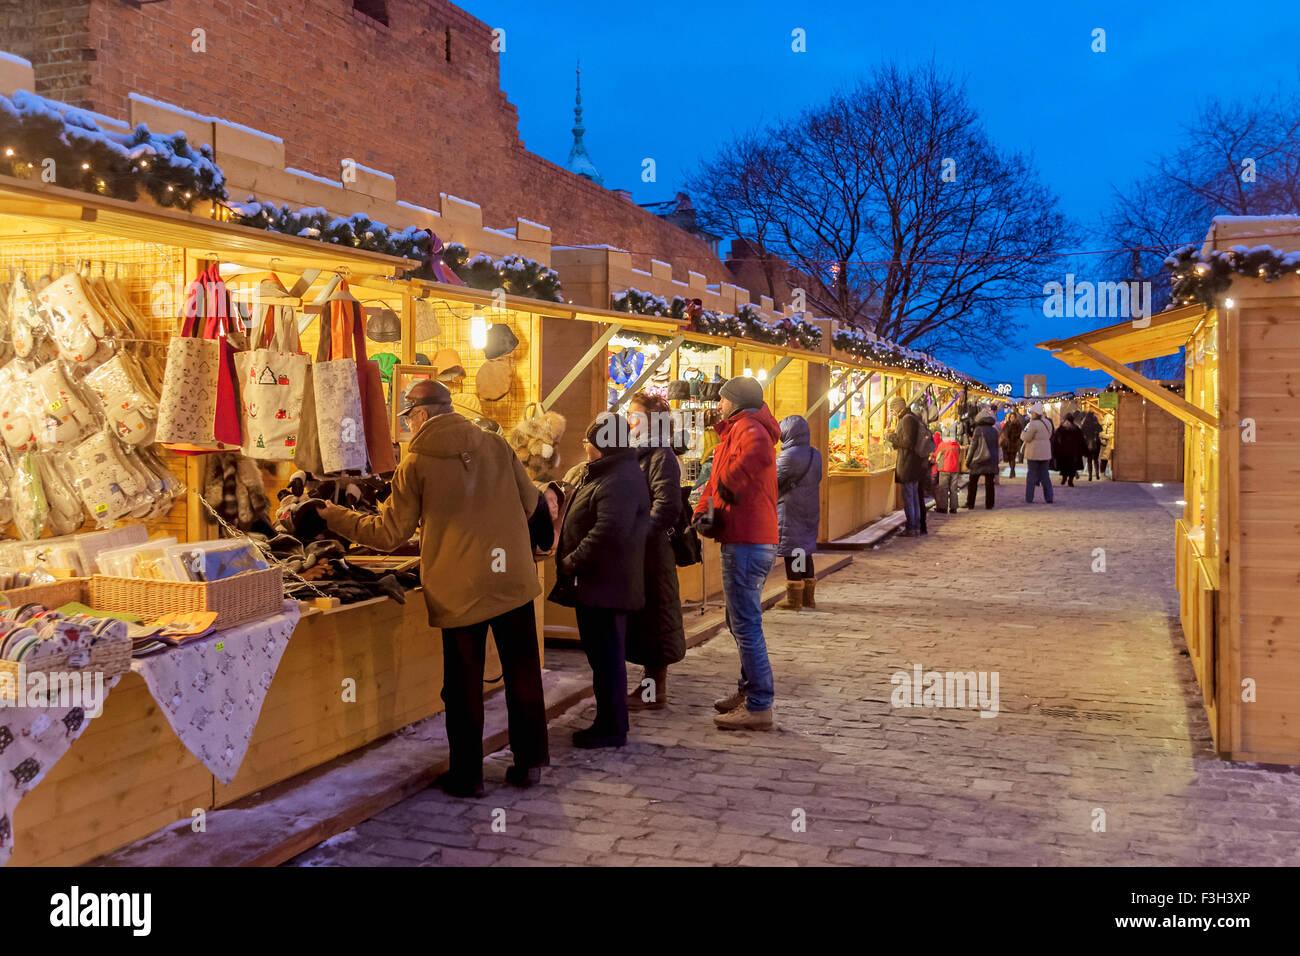 Weihnachtsmarkt im Barbican in der alten Stadt von Warschau, Polen Stockbild